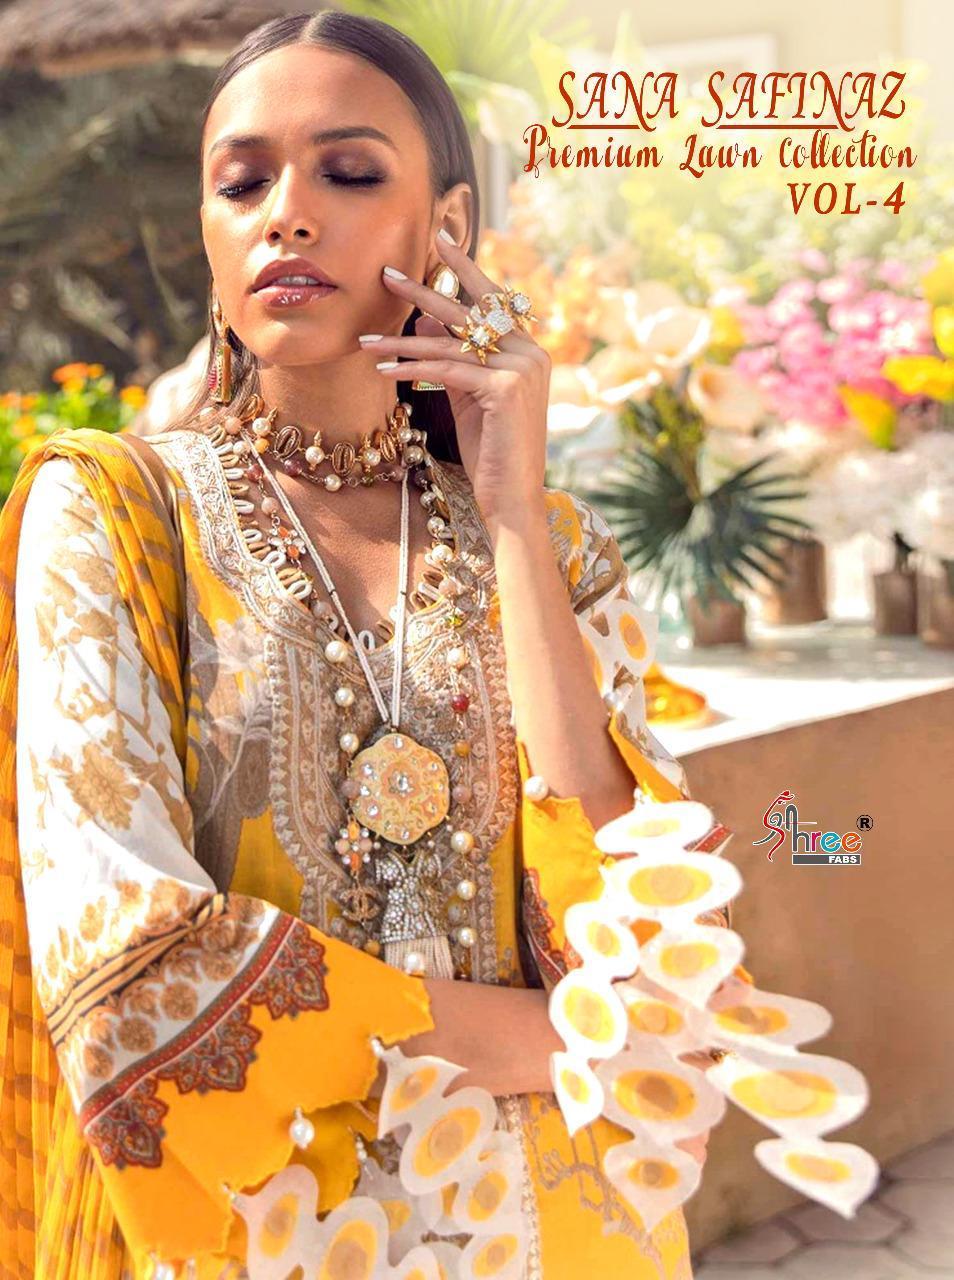 Shree Fabs Sana Safinaz Premium Lawn Collection Vol 4 Salwar Suit Wholesale Catalog 8 Pcs 2 - Shree Fabs Sana Safinaz Premium Lawn Collection Vol 4 Salwar Suit Wholesale Catalog 8 Pcs